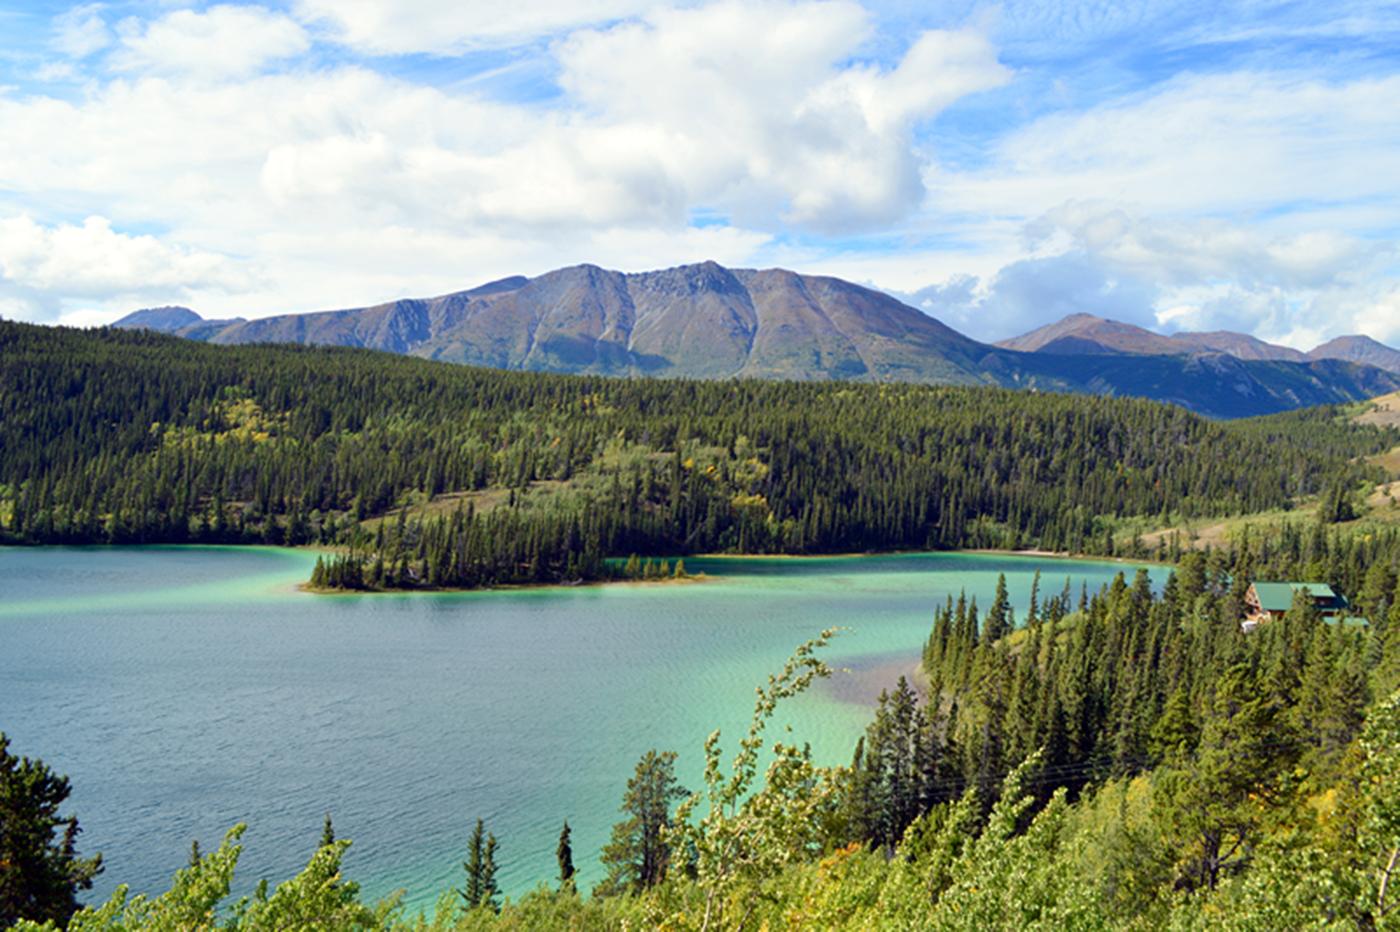 阿拉斯加,那山、那水、那人……_图1-38